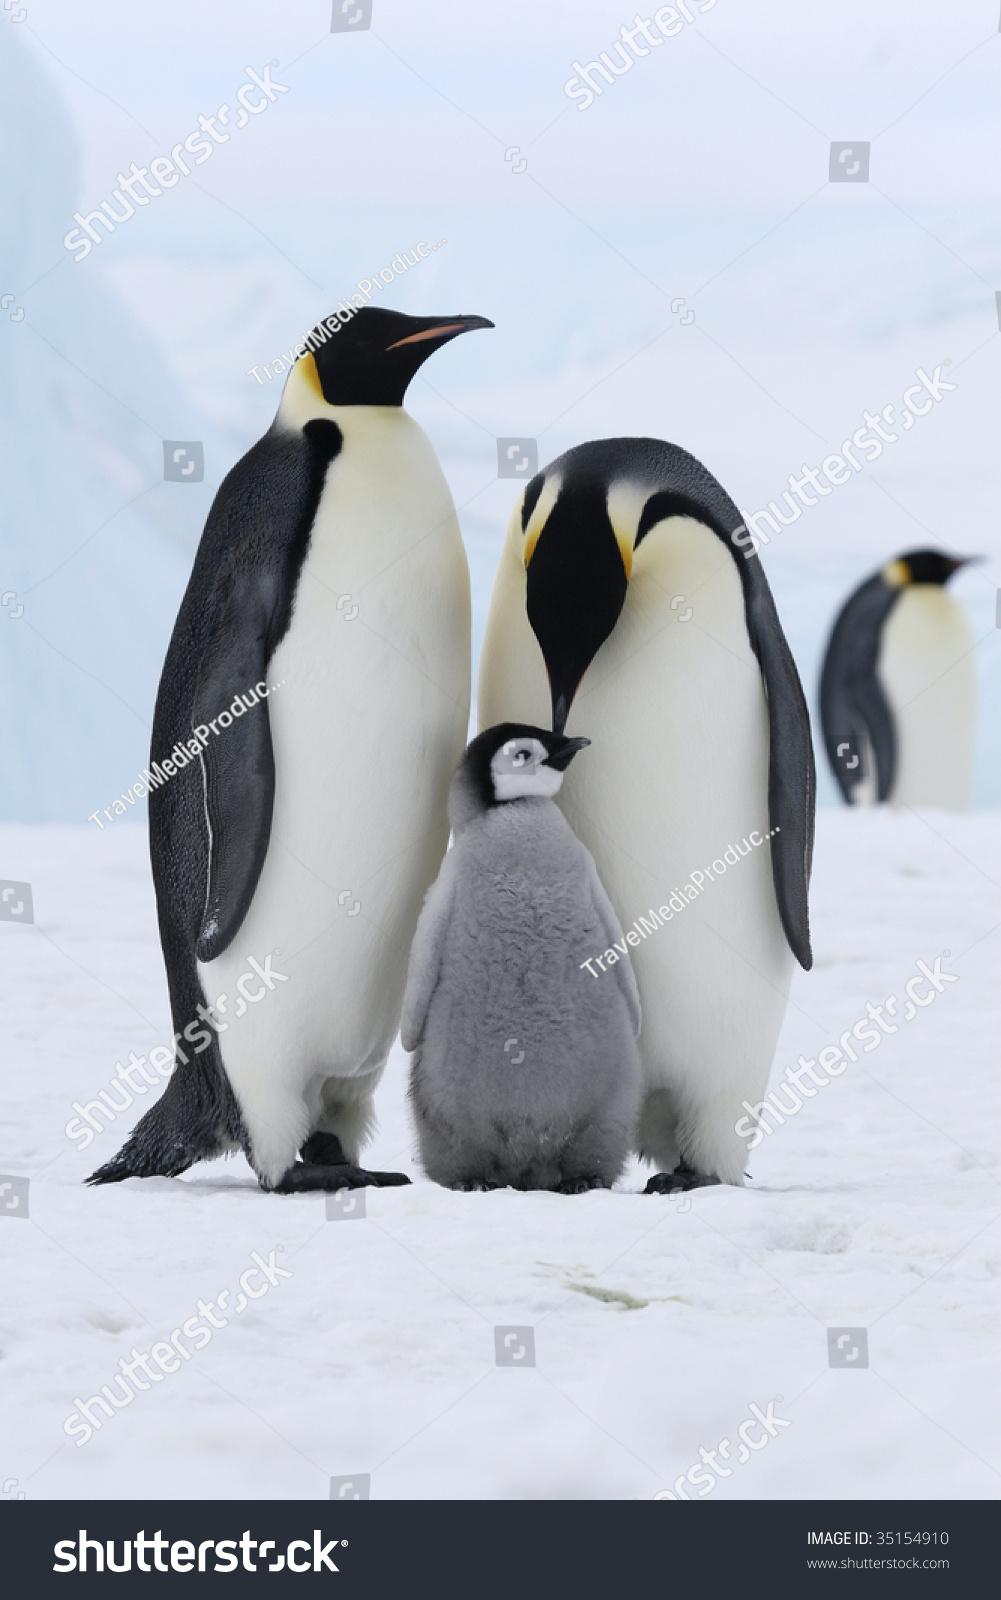 帝企鹅(Aptenodytes forsteri)在威德尔海在冰上,南极洲 - 动物/野生生物,自然 - 站酷海洛创意正版图片,视频,音乐素材交易平台 - Shutterstock中国独家合作伙伴 - 站酷旗下品牌